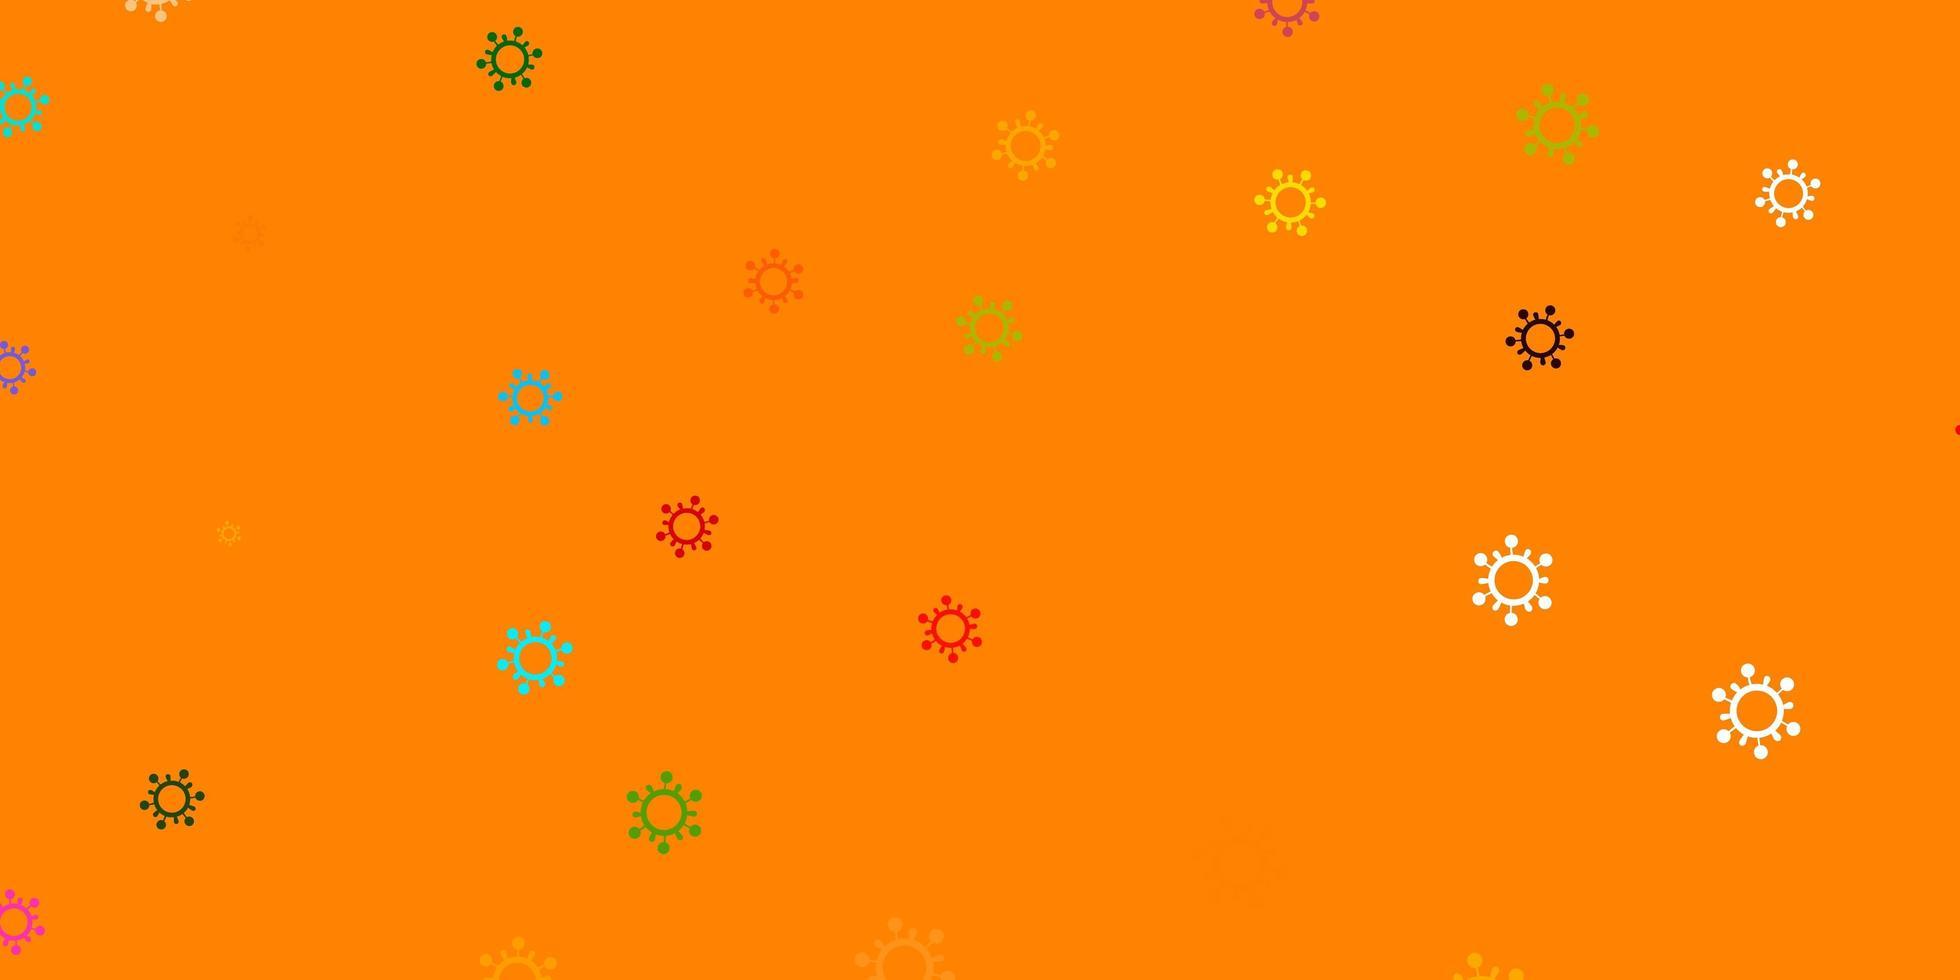 leichte mehrfarbige Vektorschablone mit Grippezeichen vektor